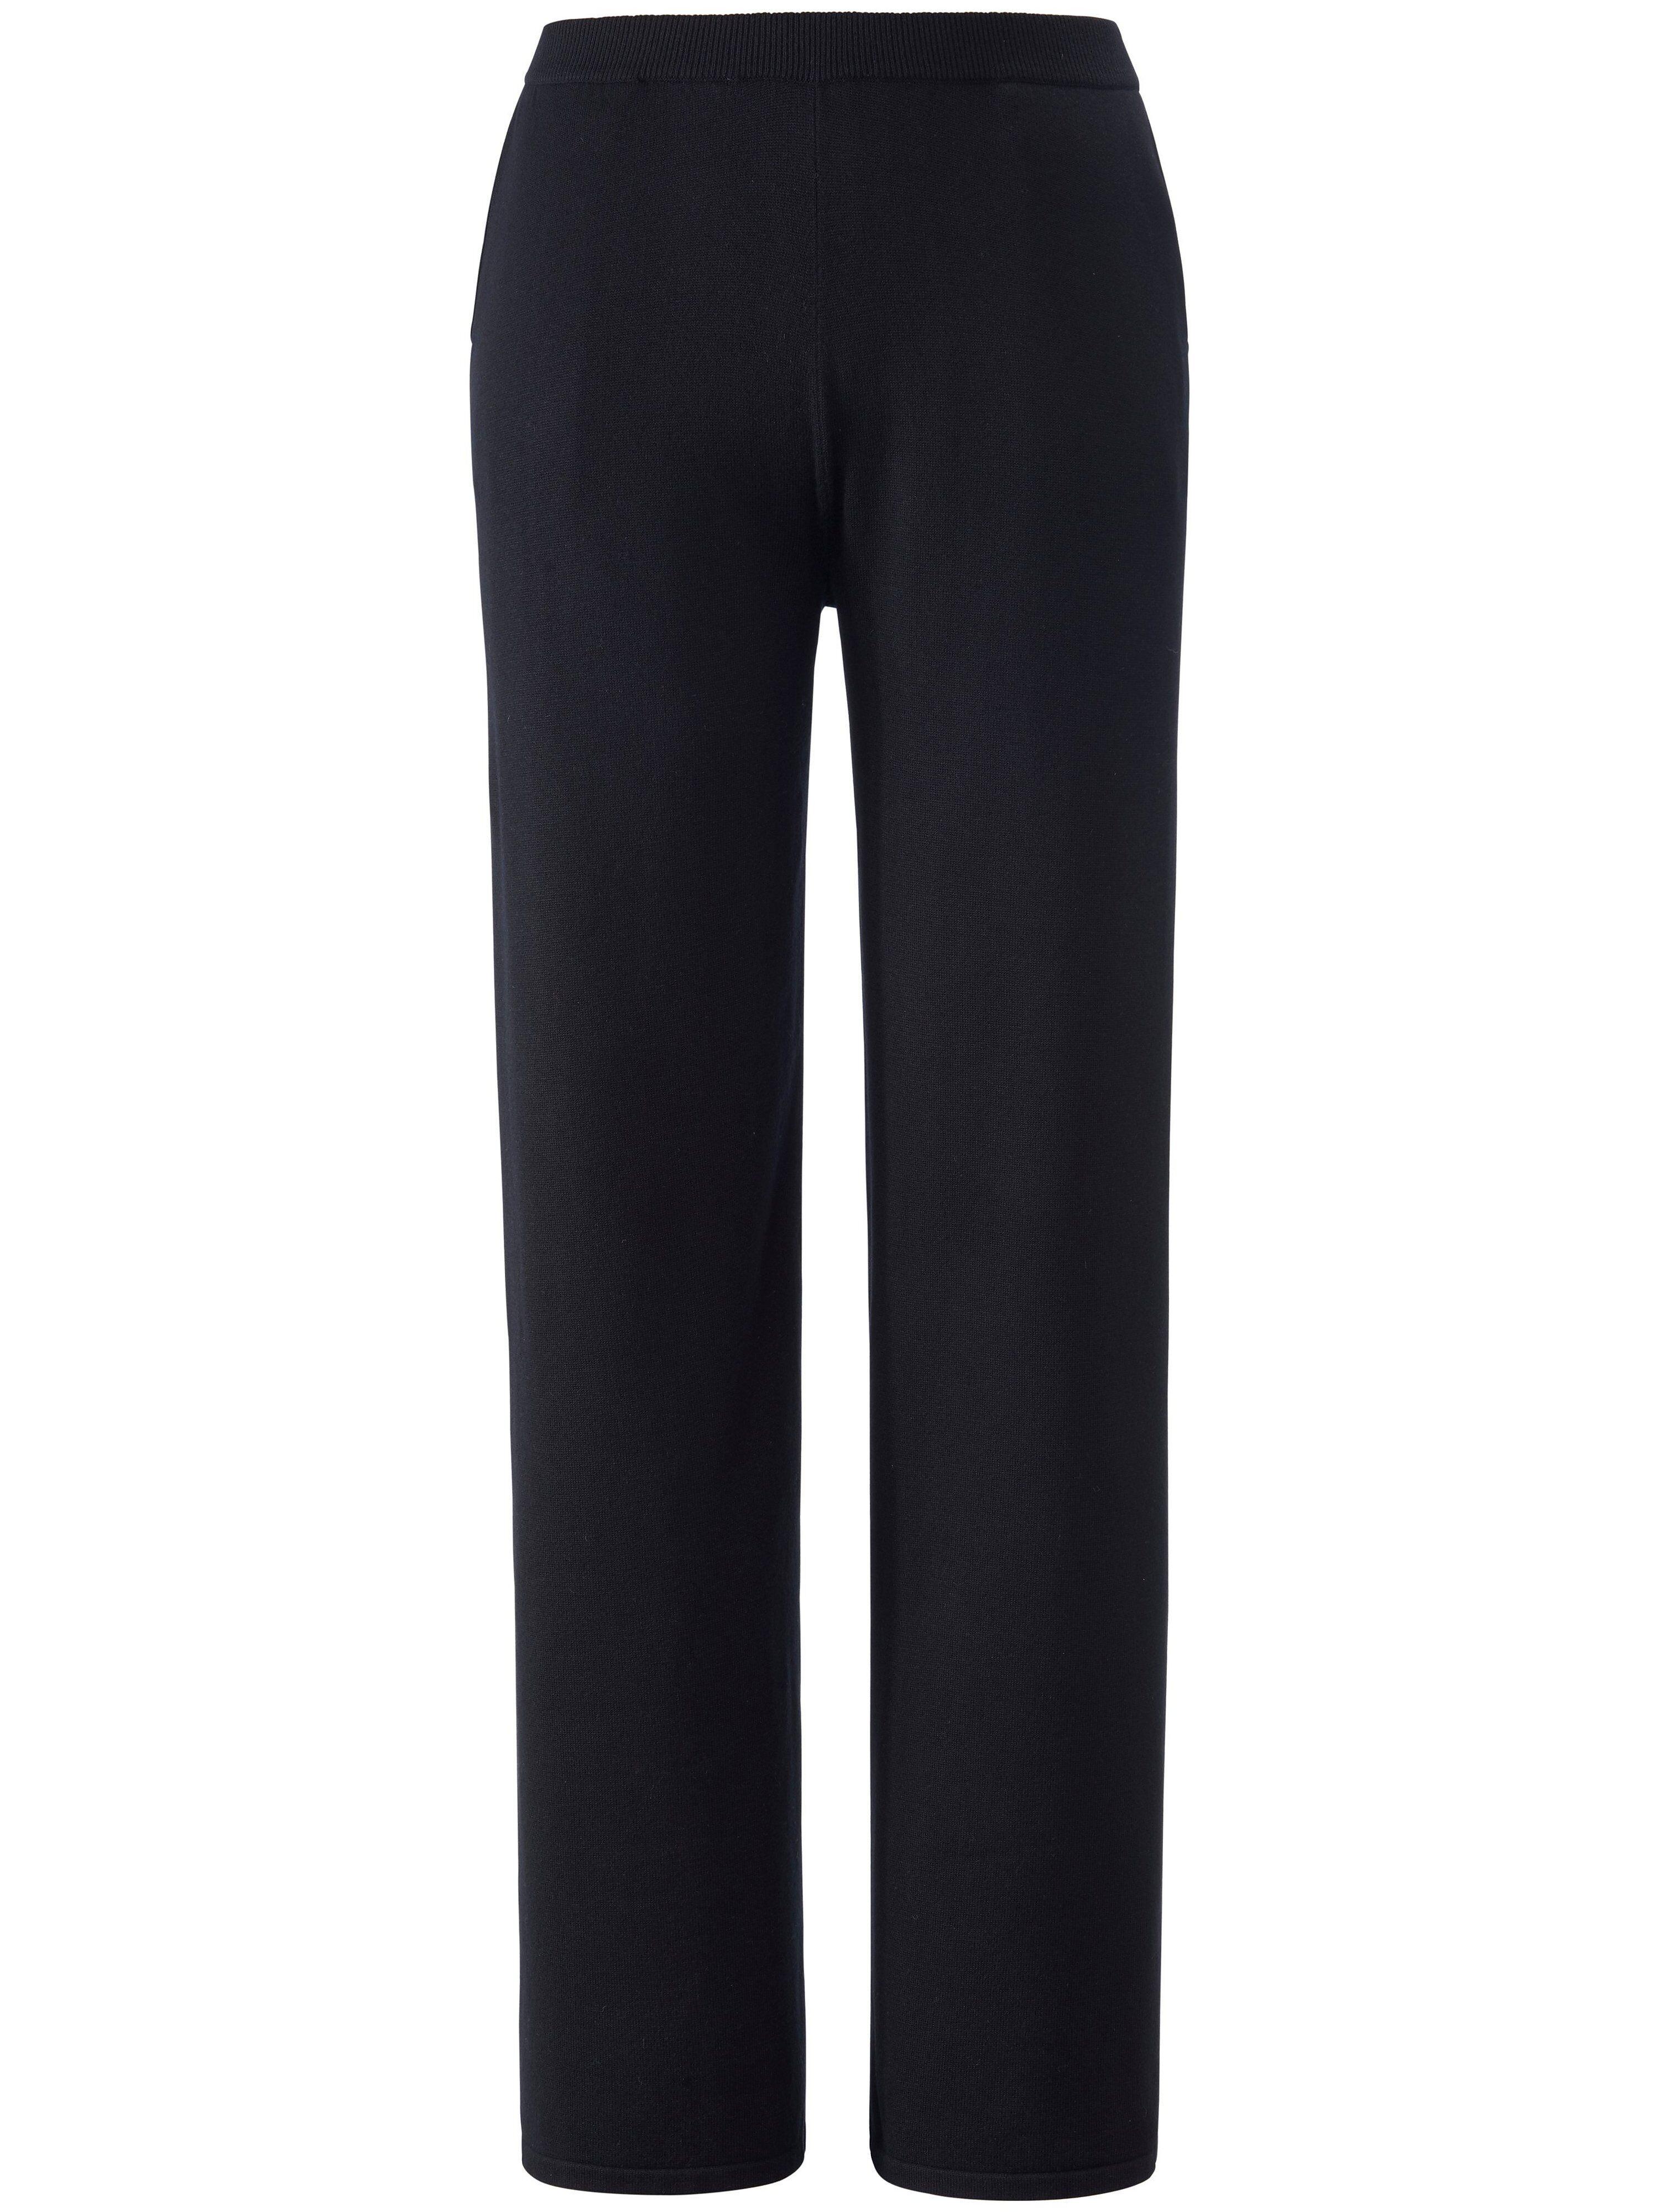 Emilia Lay Le pantalon en maille ligne droite  Emilia Lay noir  - Femme - 44